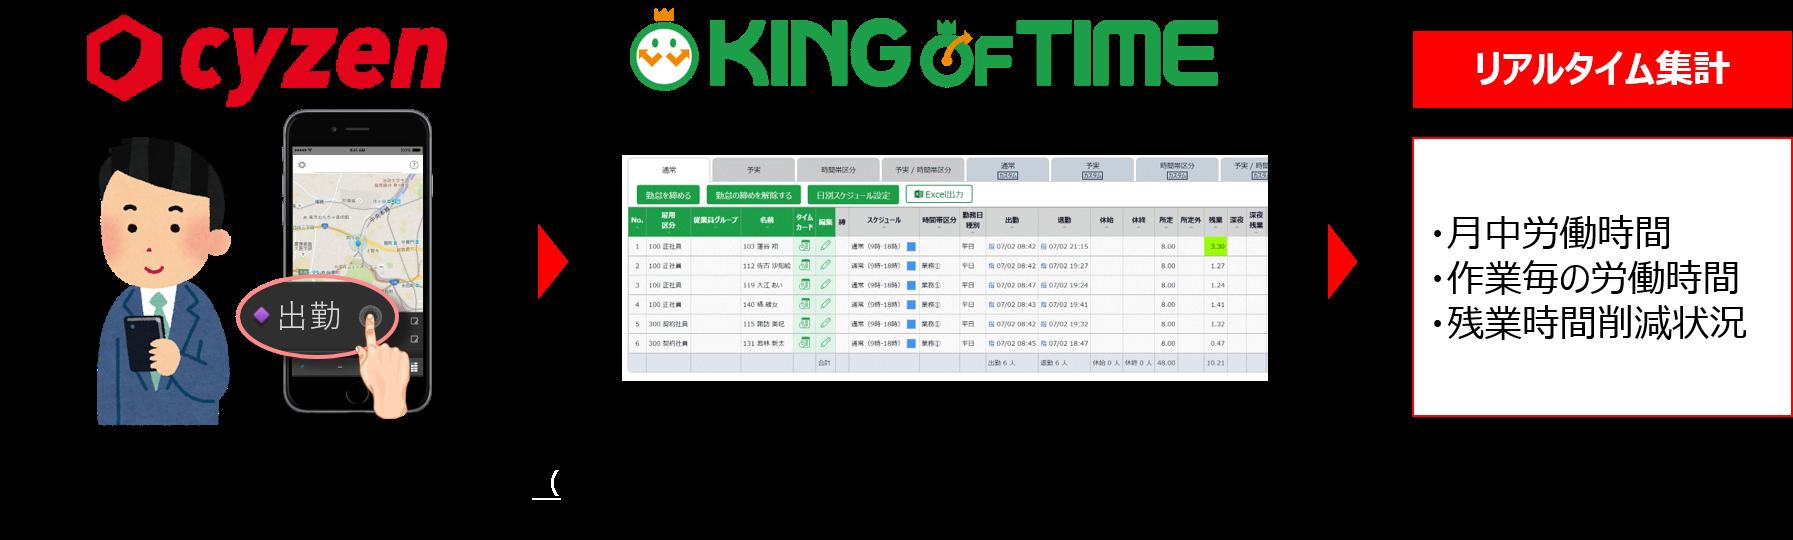 働き方改革アプリ「cyzen(サイゼン)」、勤怠管理クラウドの「KING OF TIME」と標準連携